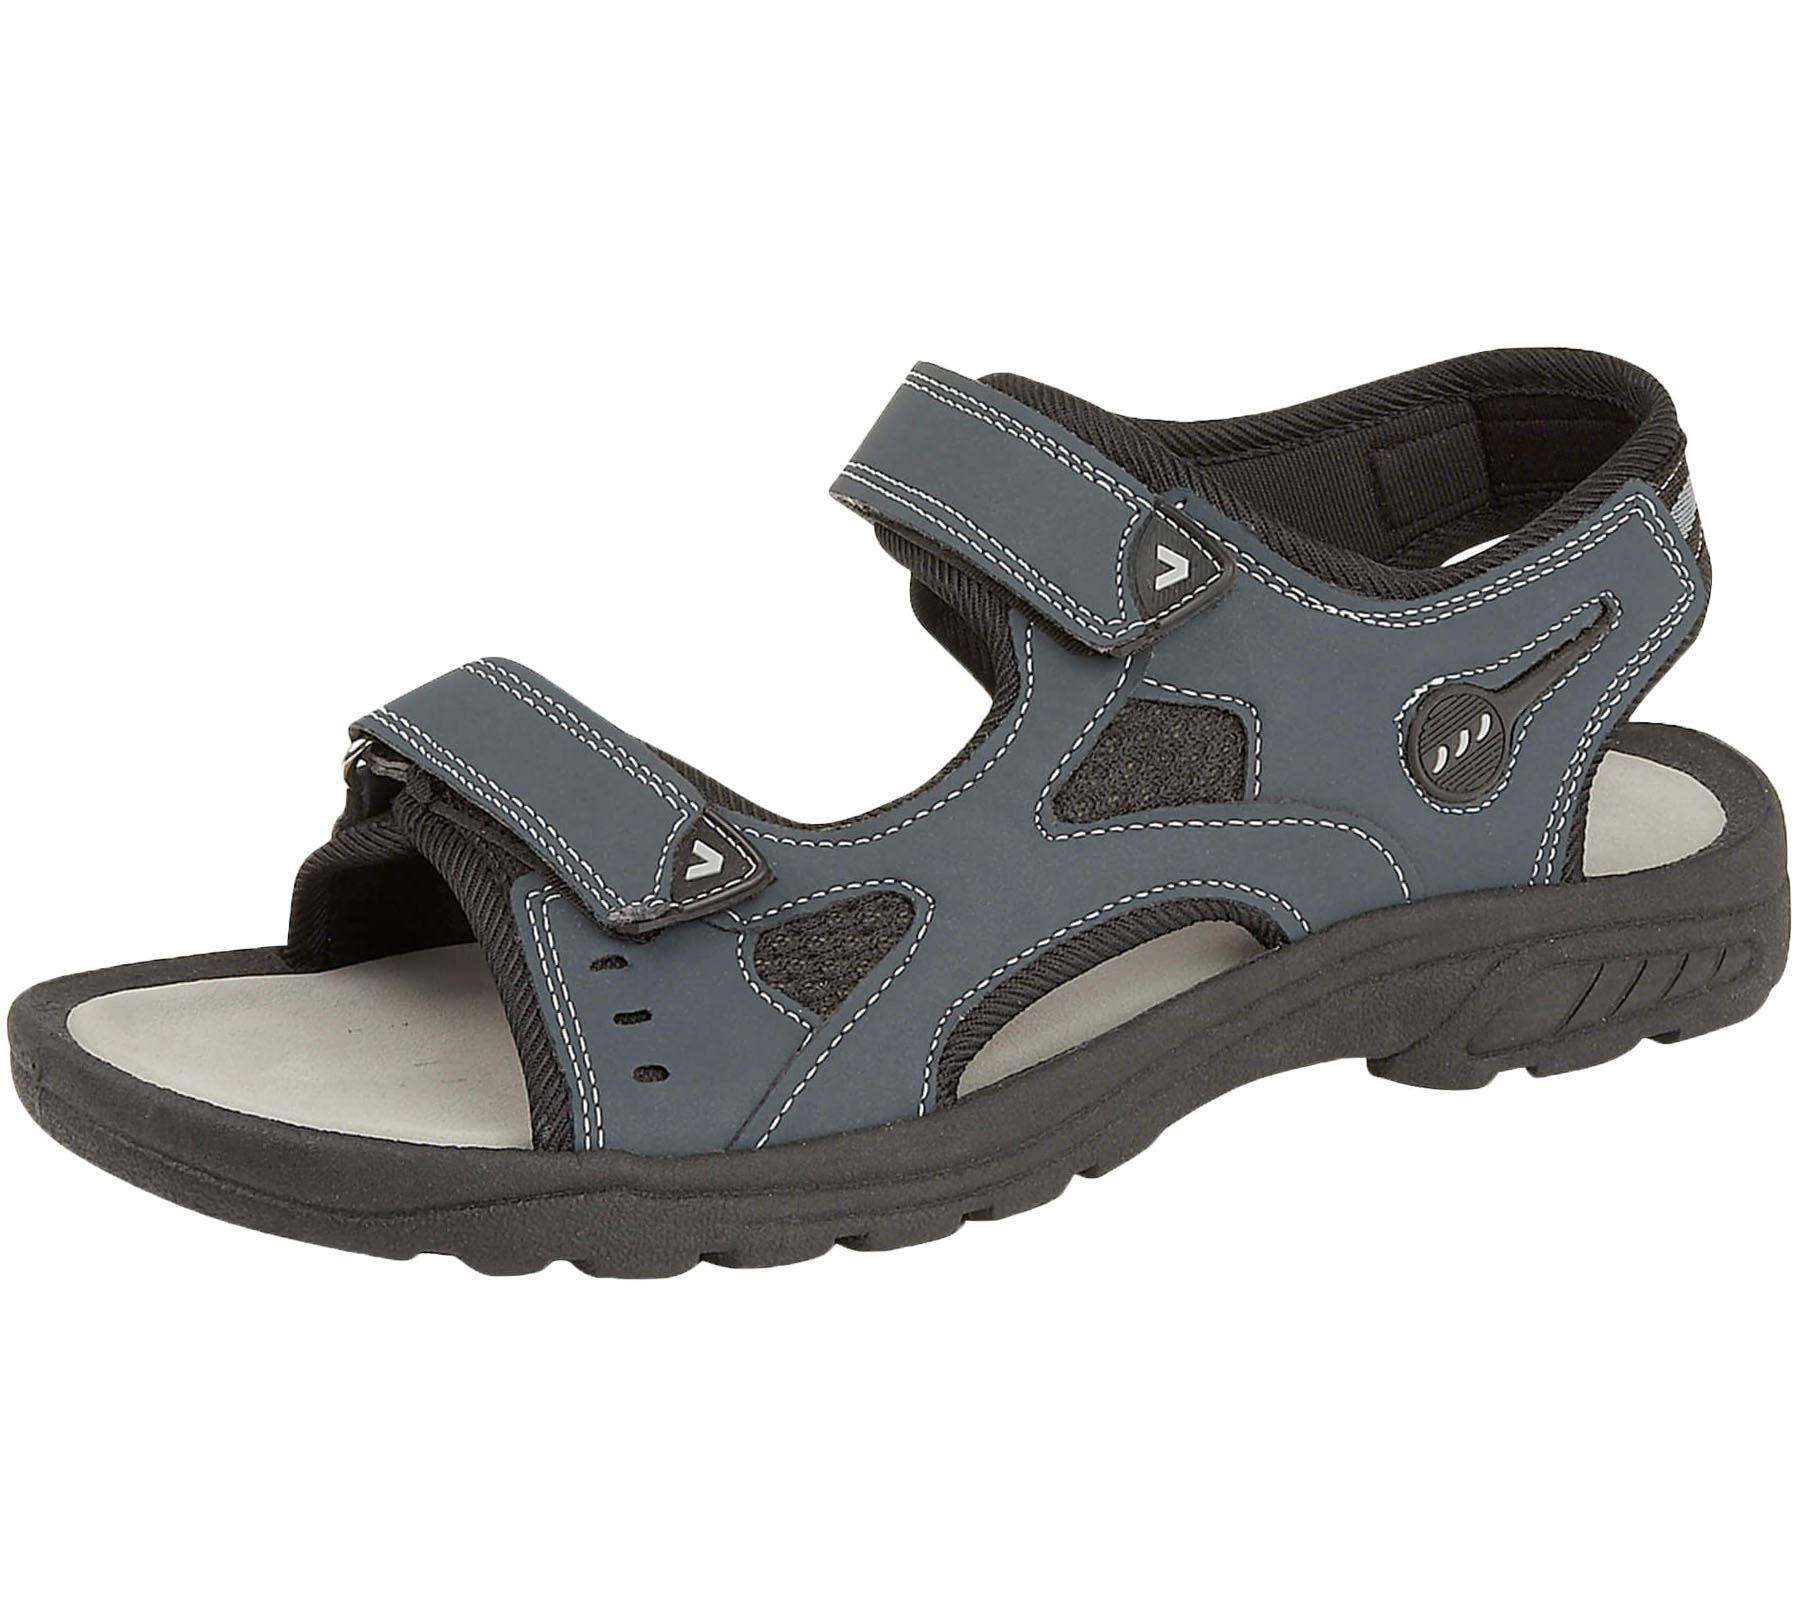 Mens-Sandals-Summer-Beach-Casual-Syenthatic-Sandals miniatura 19